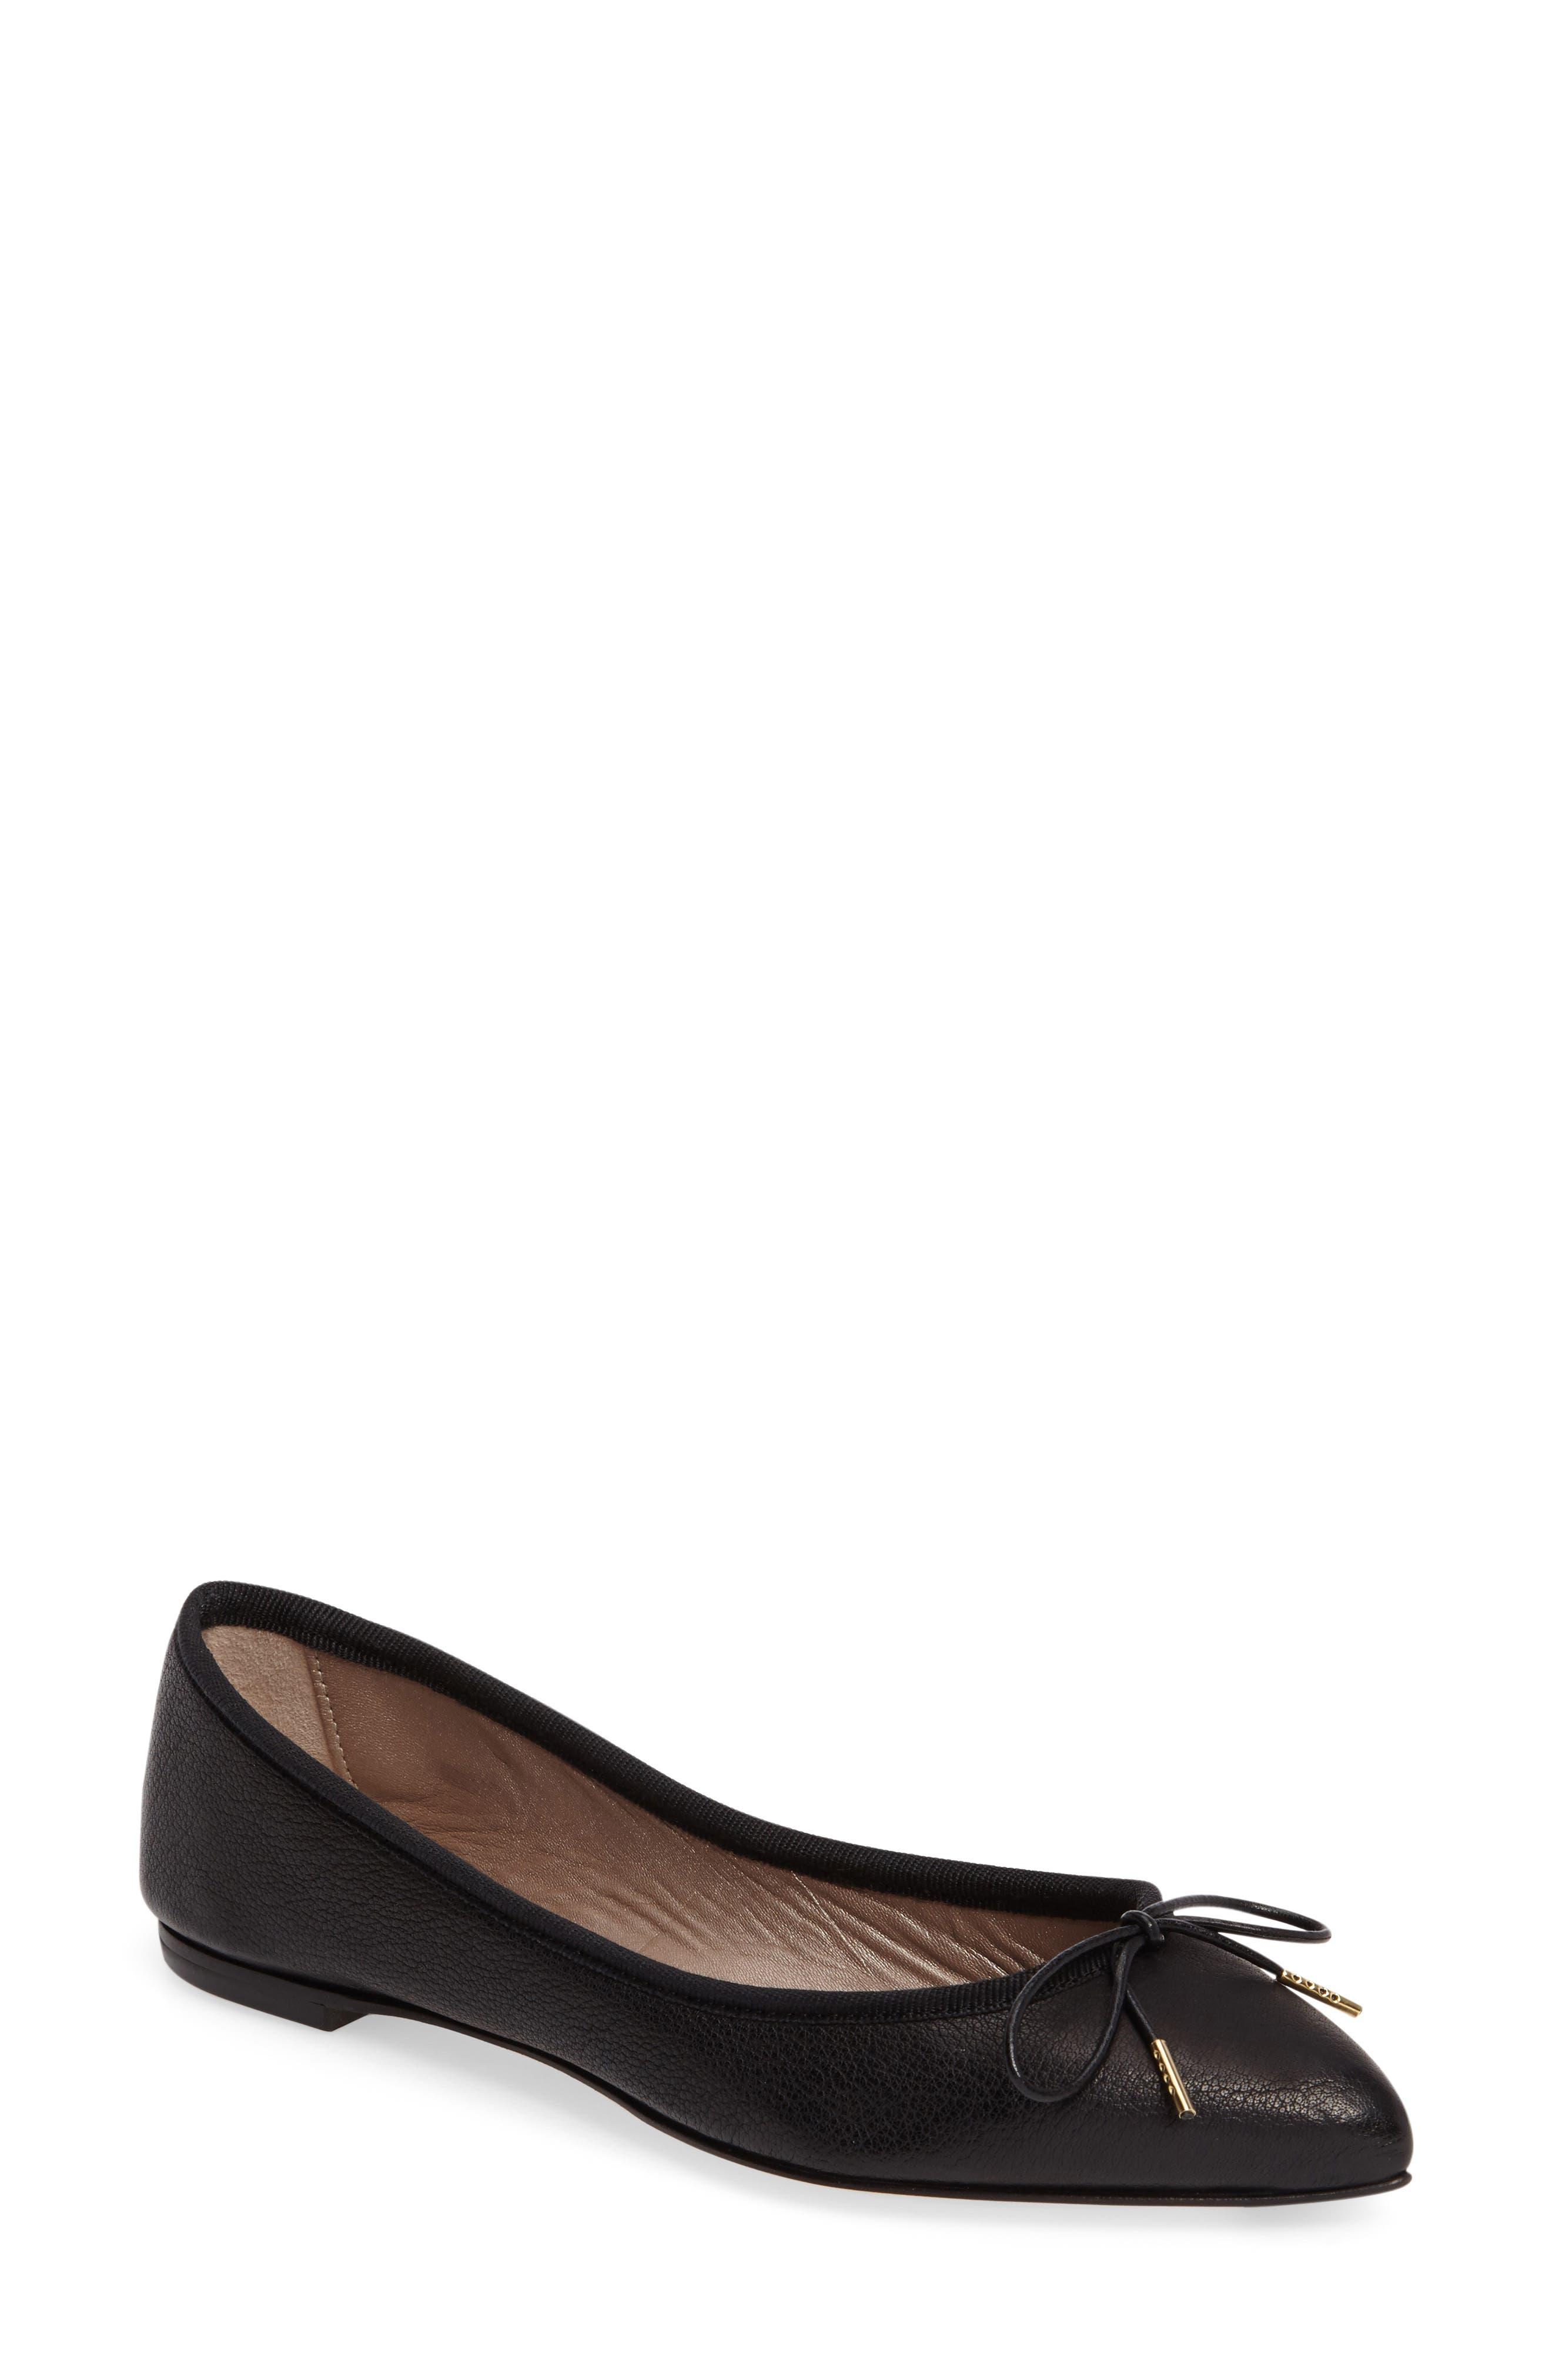 Main Image - AGL Sacchetto Pointy Toe Flat (Women)